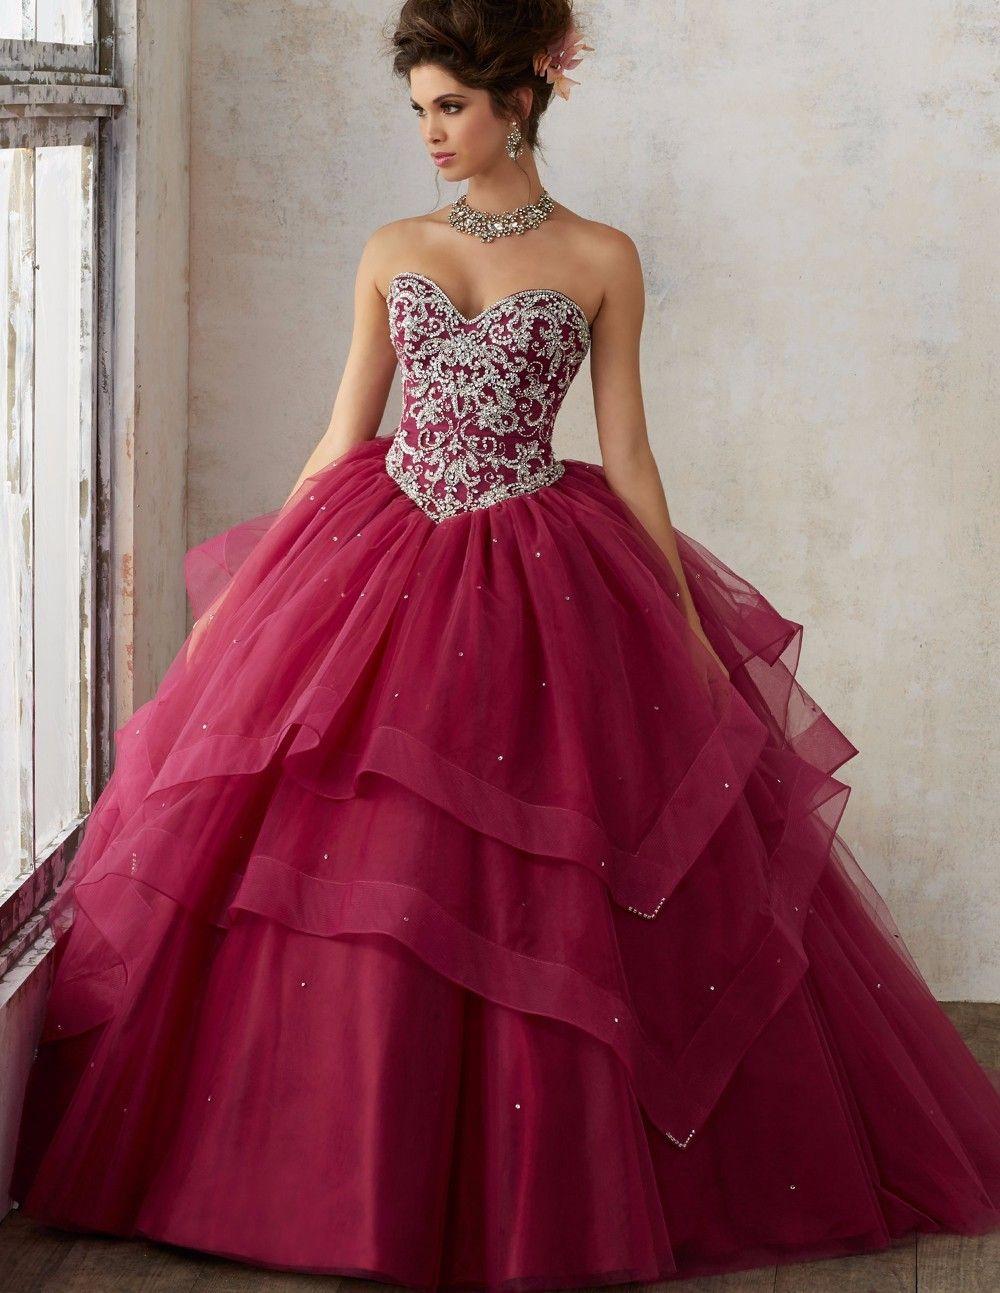 Prom Kleider 2018: Schöne Prom Teen Mädchen Kleider | Pinterest ...